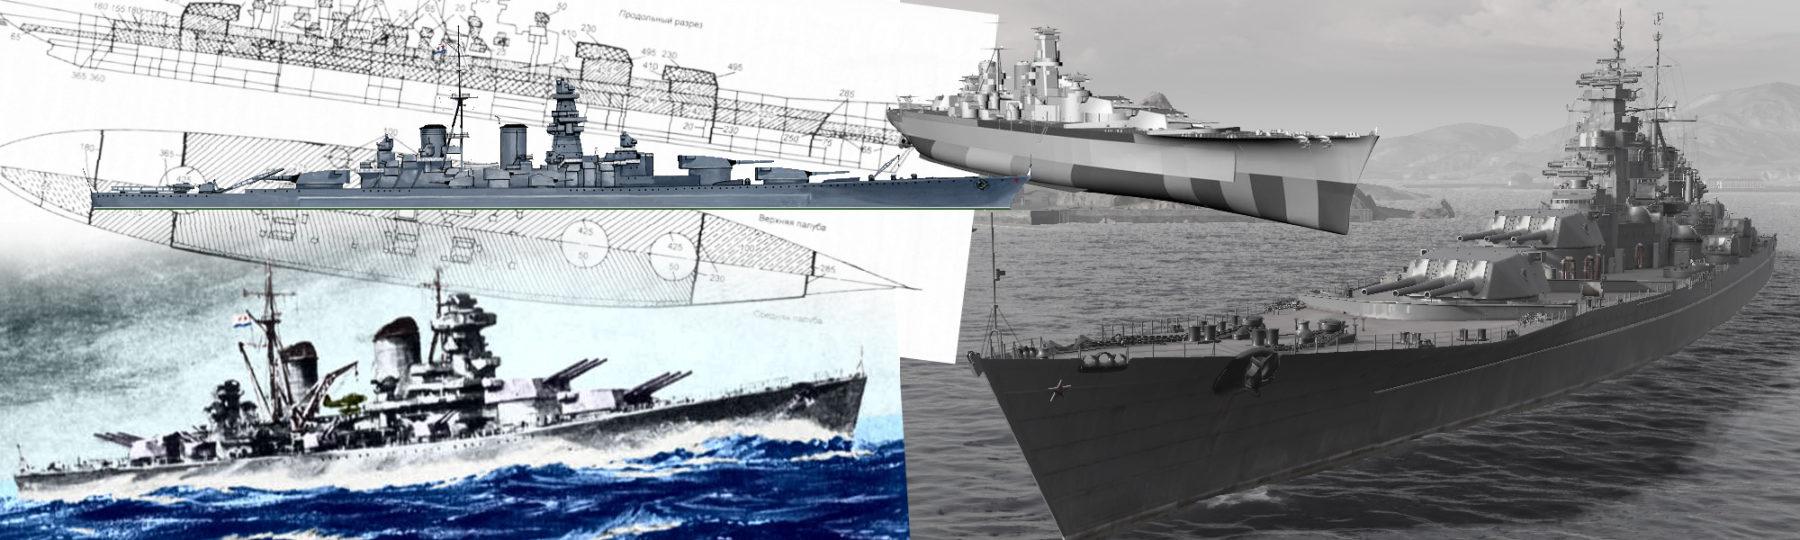 Sovetsky Soyuz class battleships (1938)